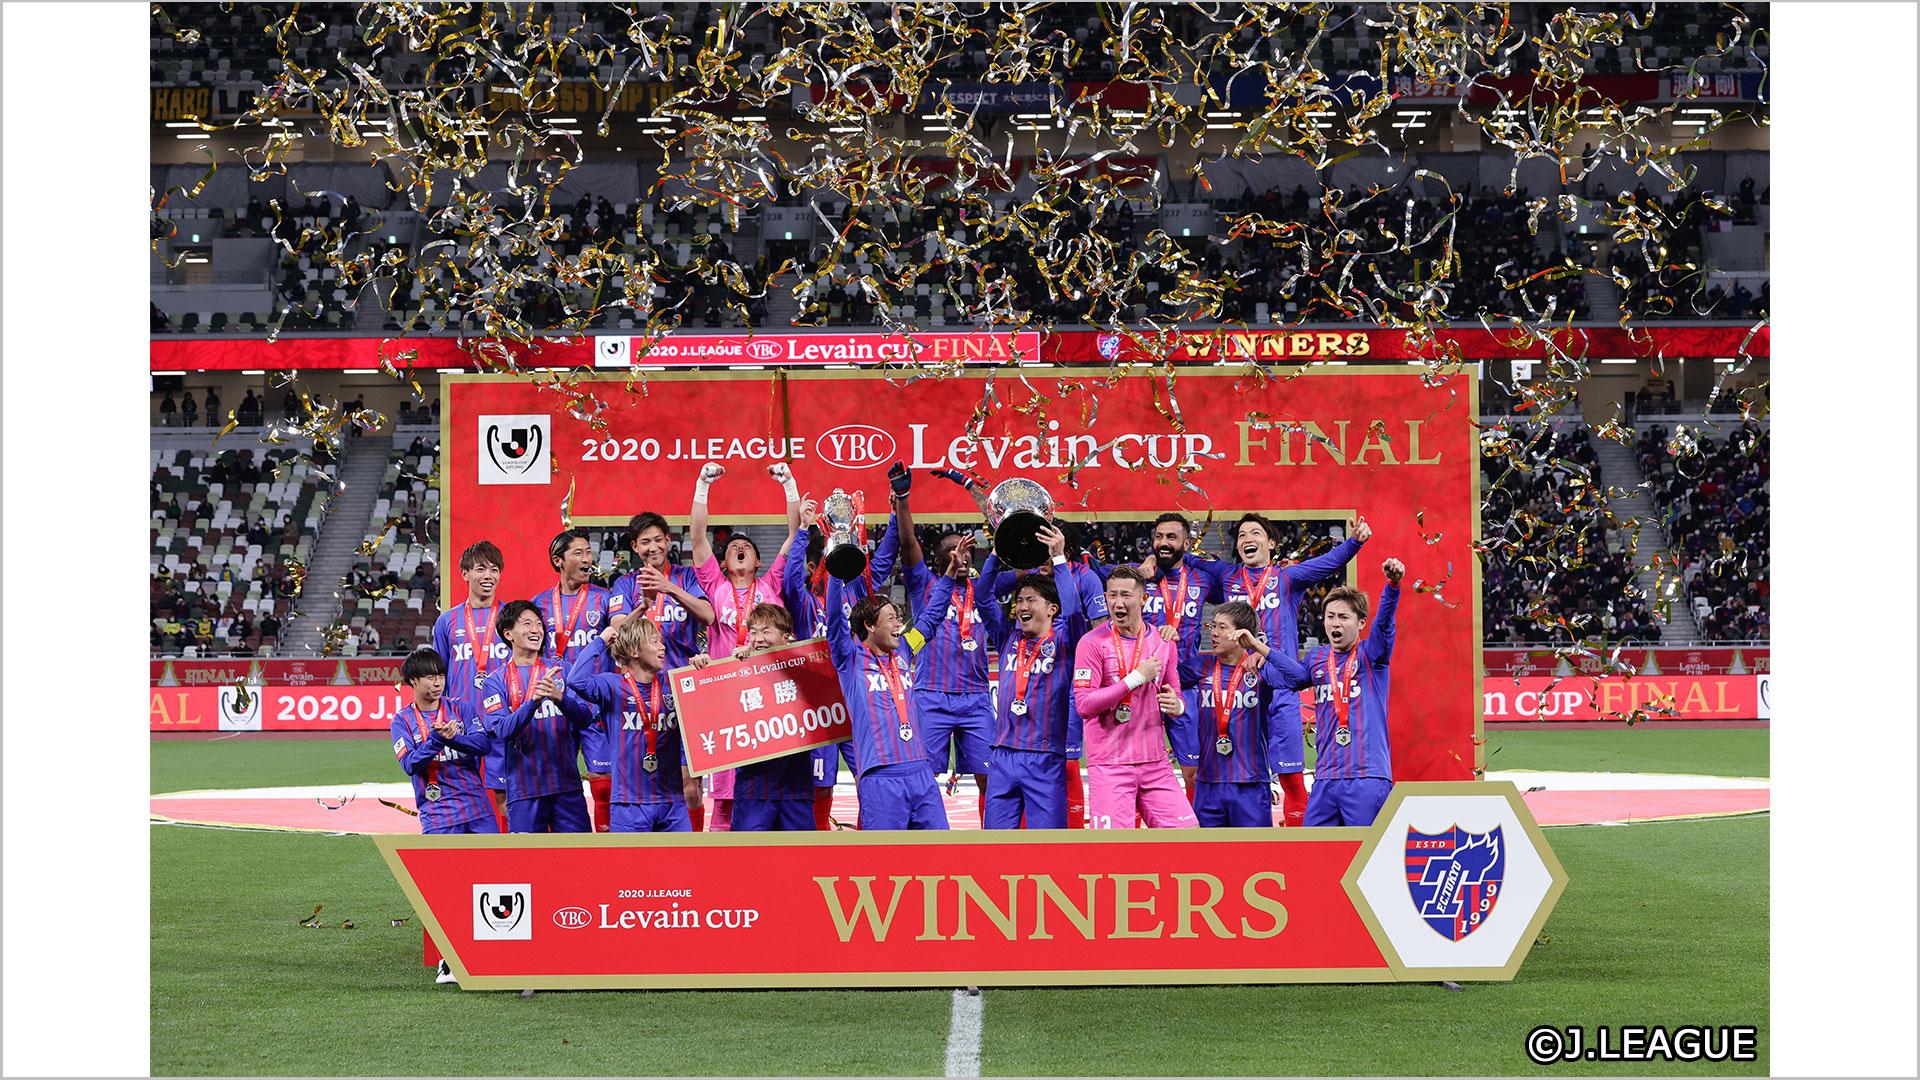 2021 JリーグYBCルヴァンカップ グループステージ 第5節 Bグループ ヴィッセル神戸 vs FC東京